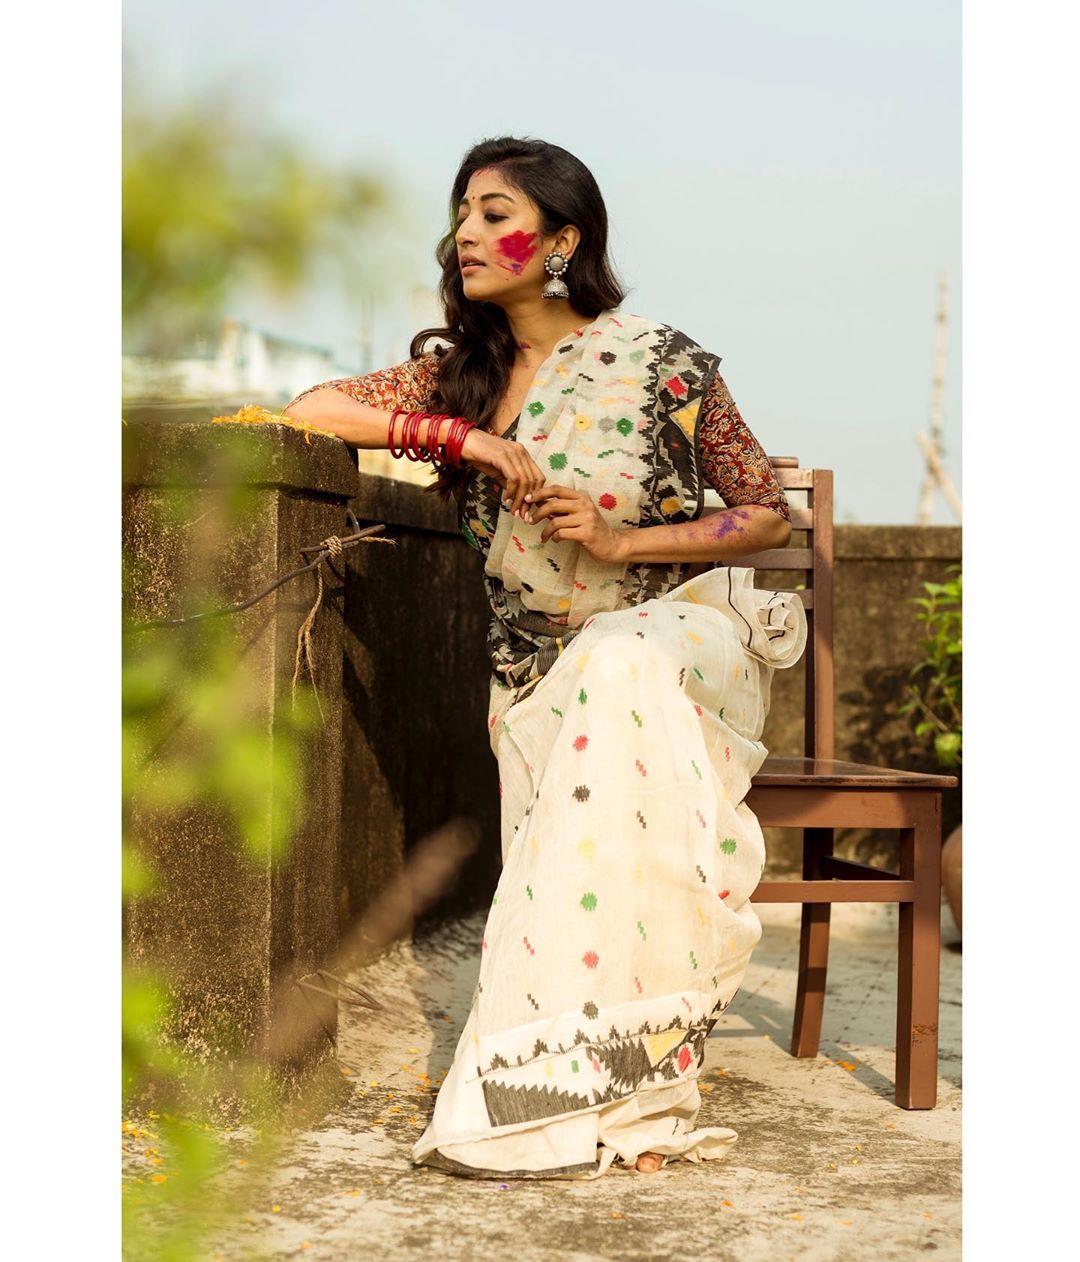 কলকাতার তারকাদের দোল উৎসব 3